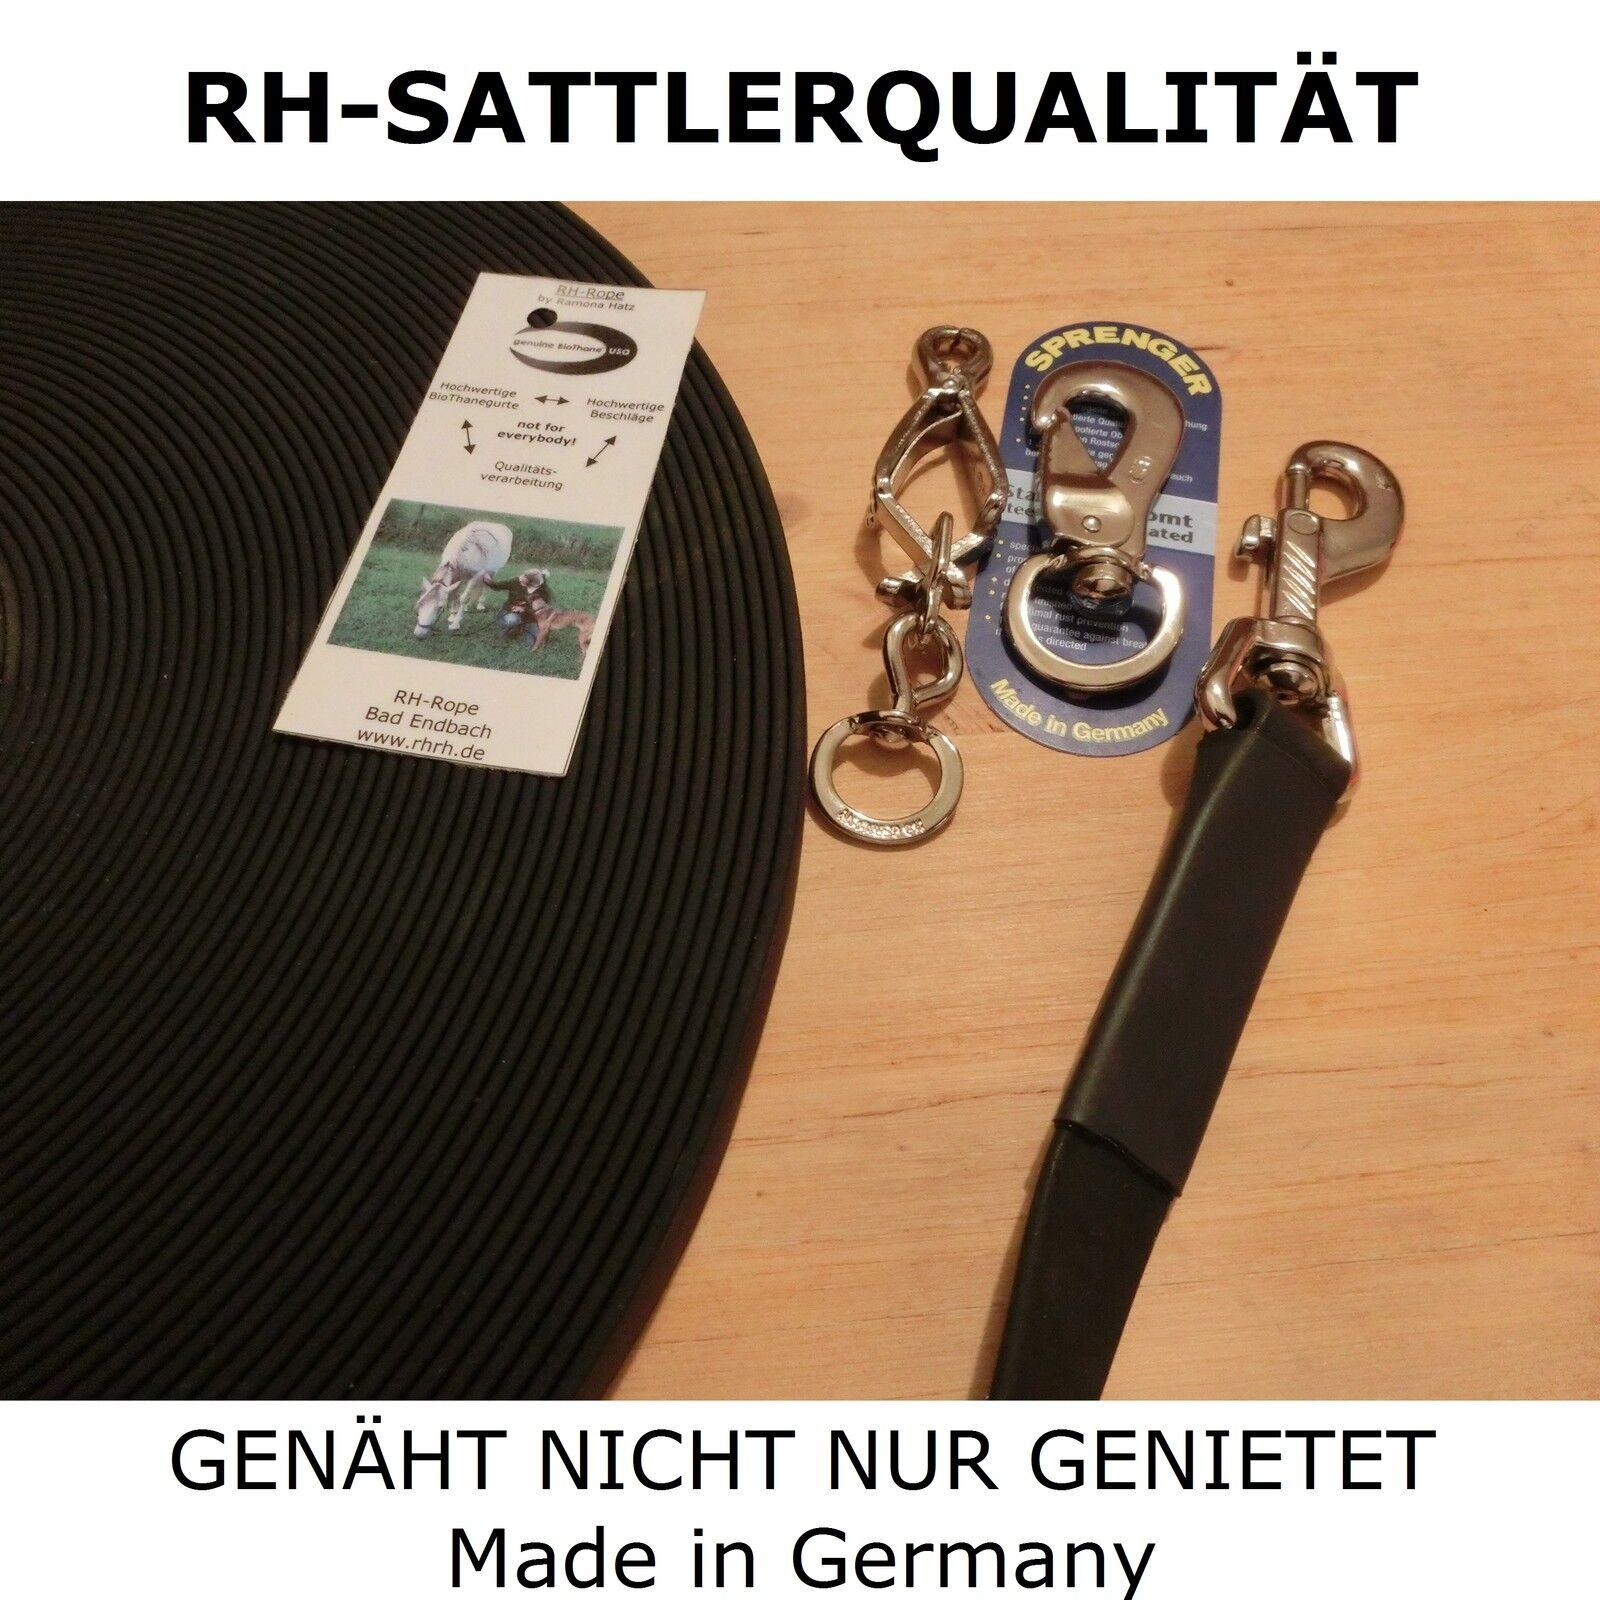 8m BioThane Schleppleine schwarz 19mm Schweissleine Suchleine Fährtenleine Fährtenleine Fährtenleine  | Good Design  d5682c